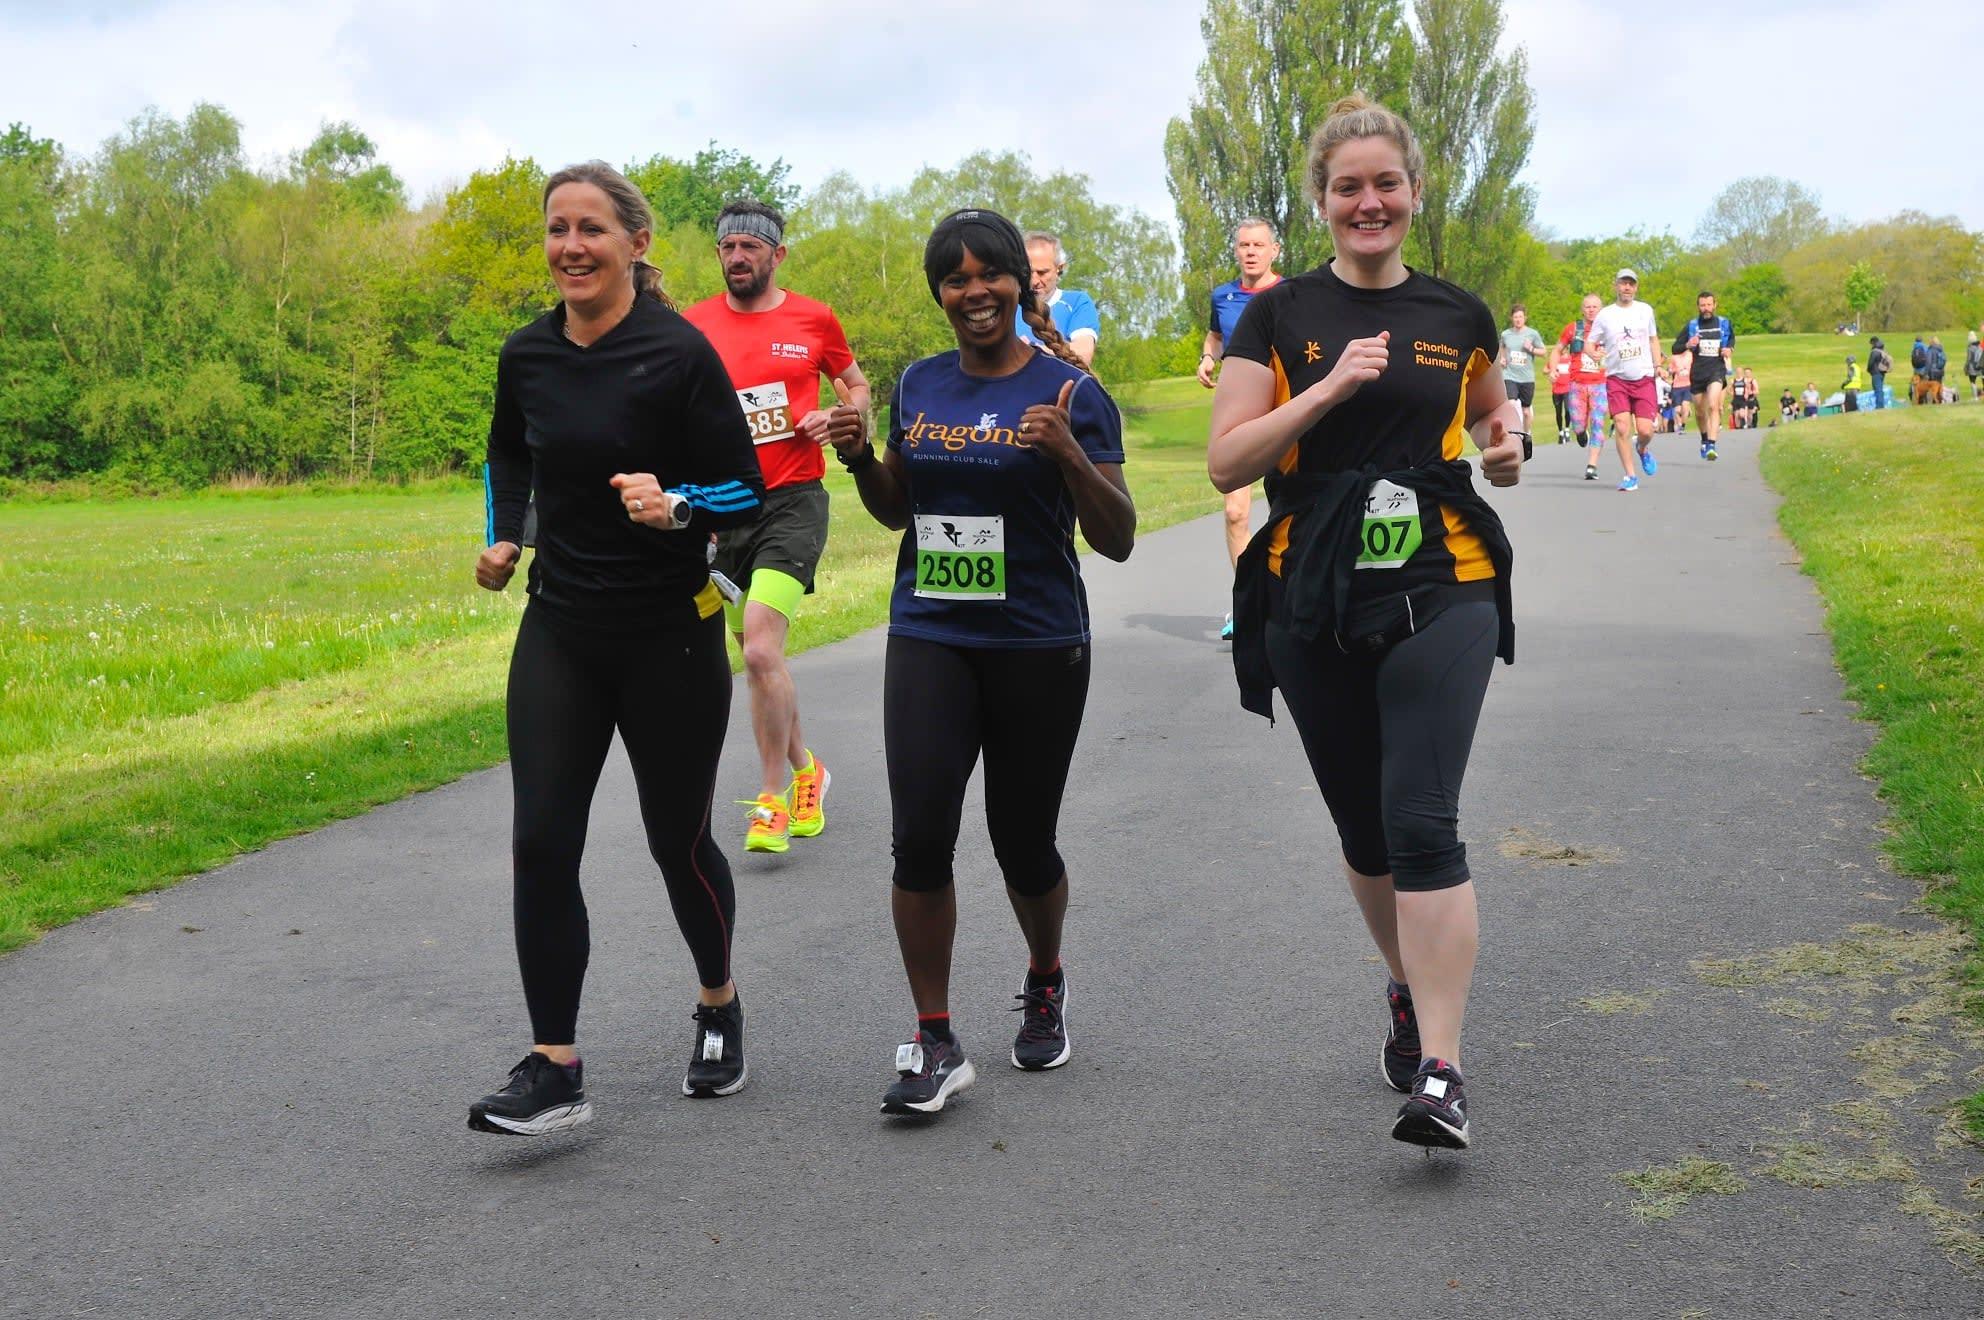 Run Heaton 5k, 10k & Half Marathon - May